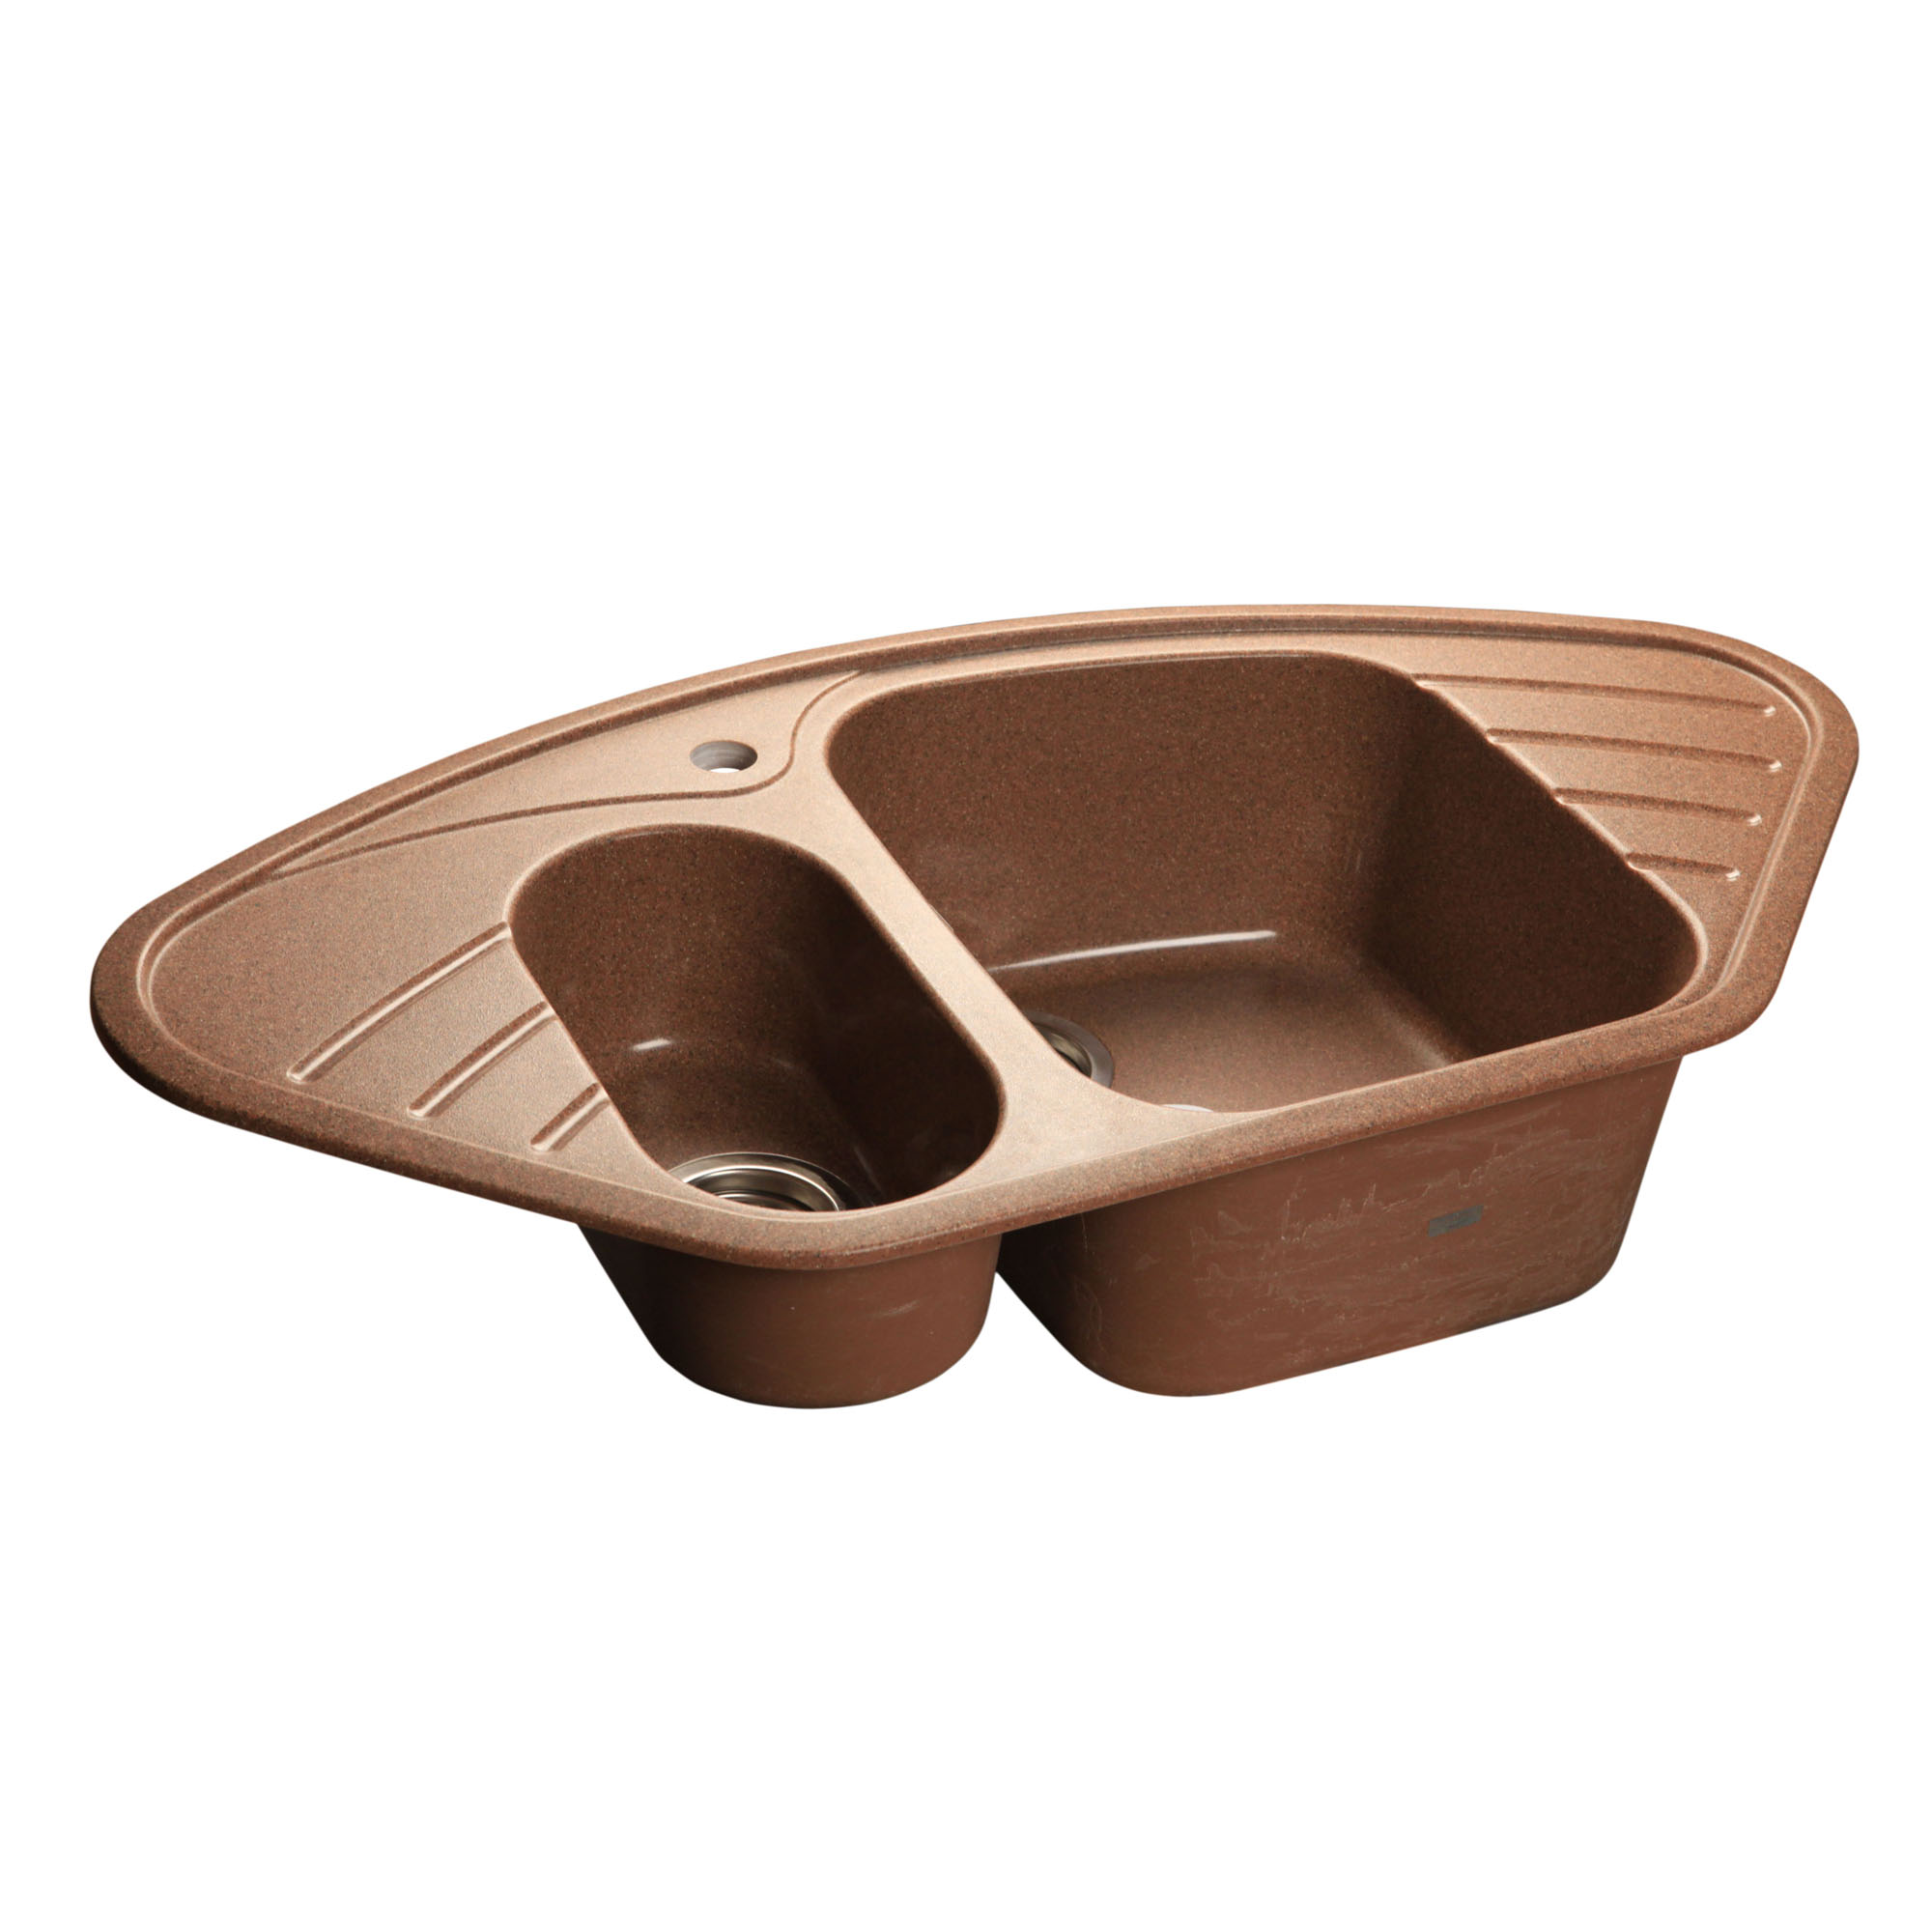 Кухонная мойка GranFest Corner GF-C960E терракот мойка кухонная granfest гранит угловая 960x510 gf c960e песок